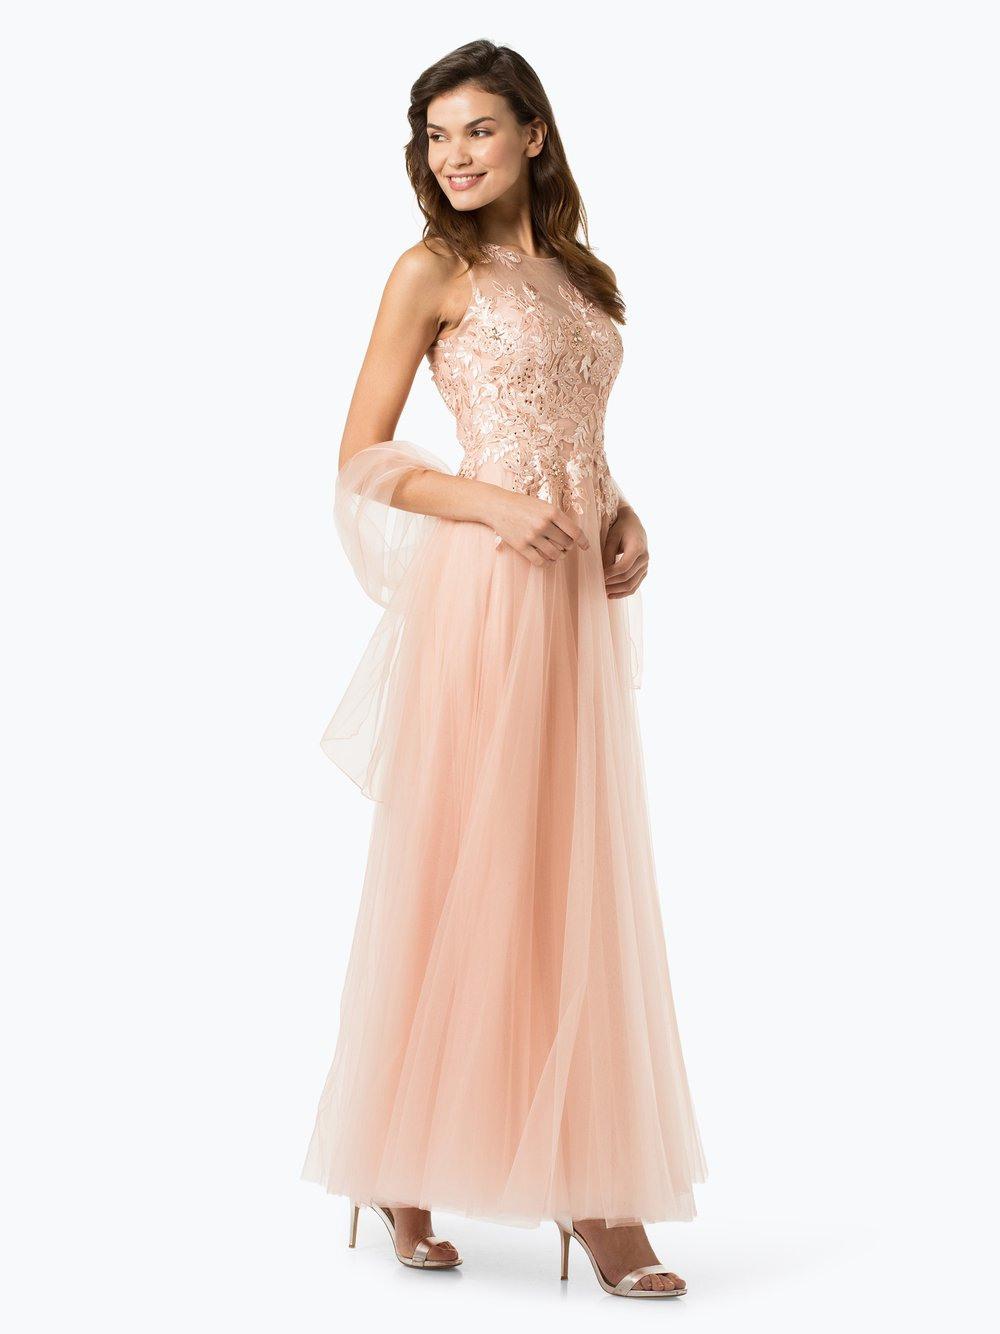 15 Elegant Abendkleid Online Boutique17 Schön Abendkleid Online Galerie